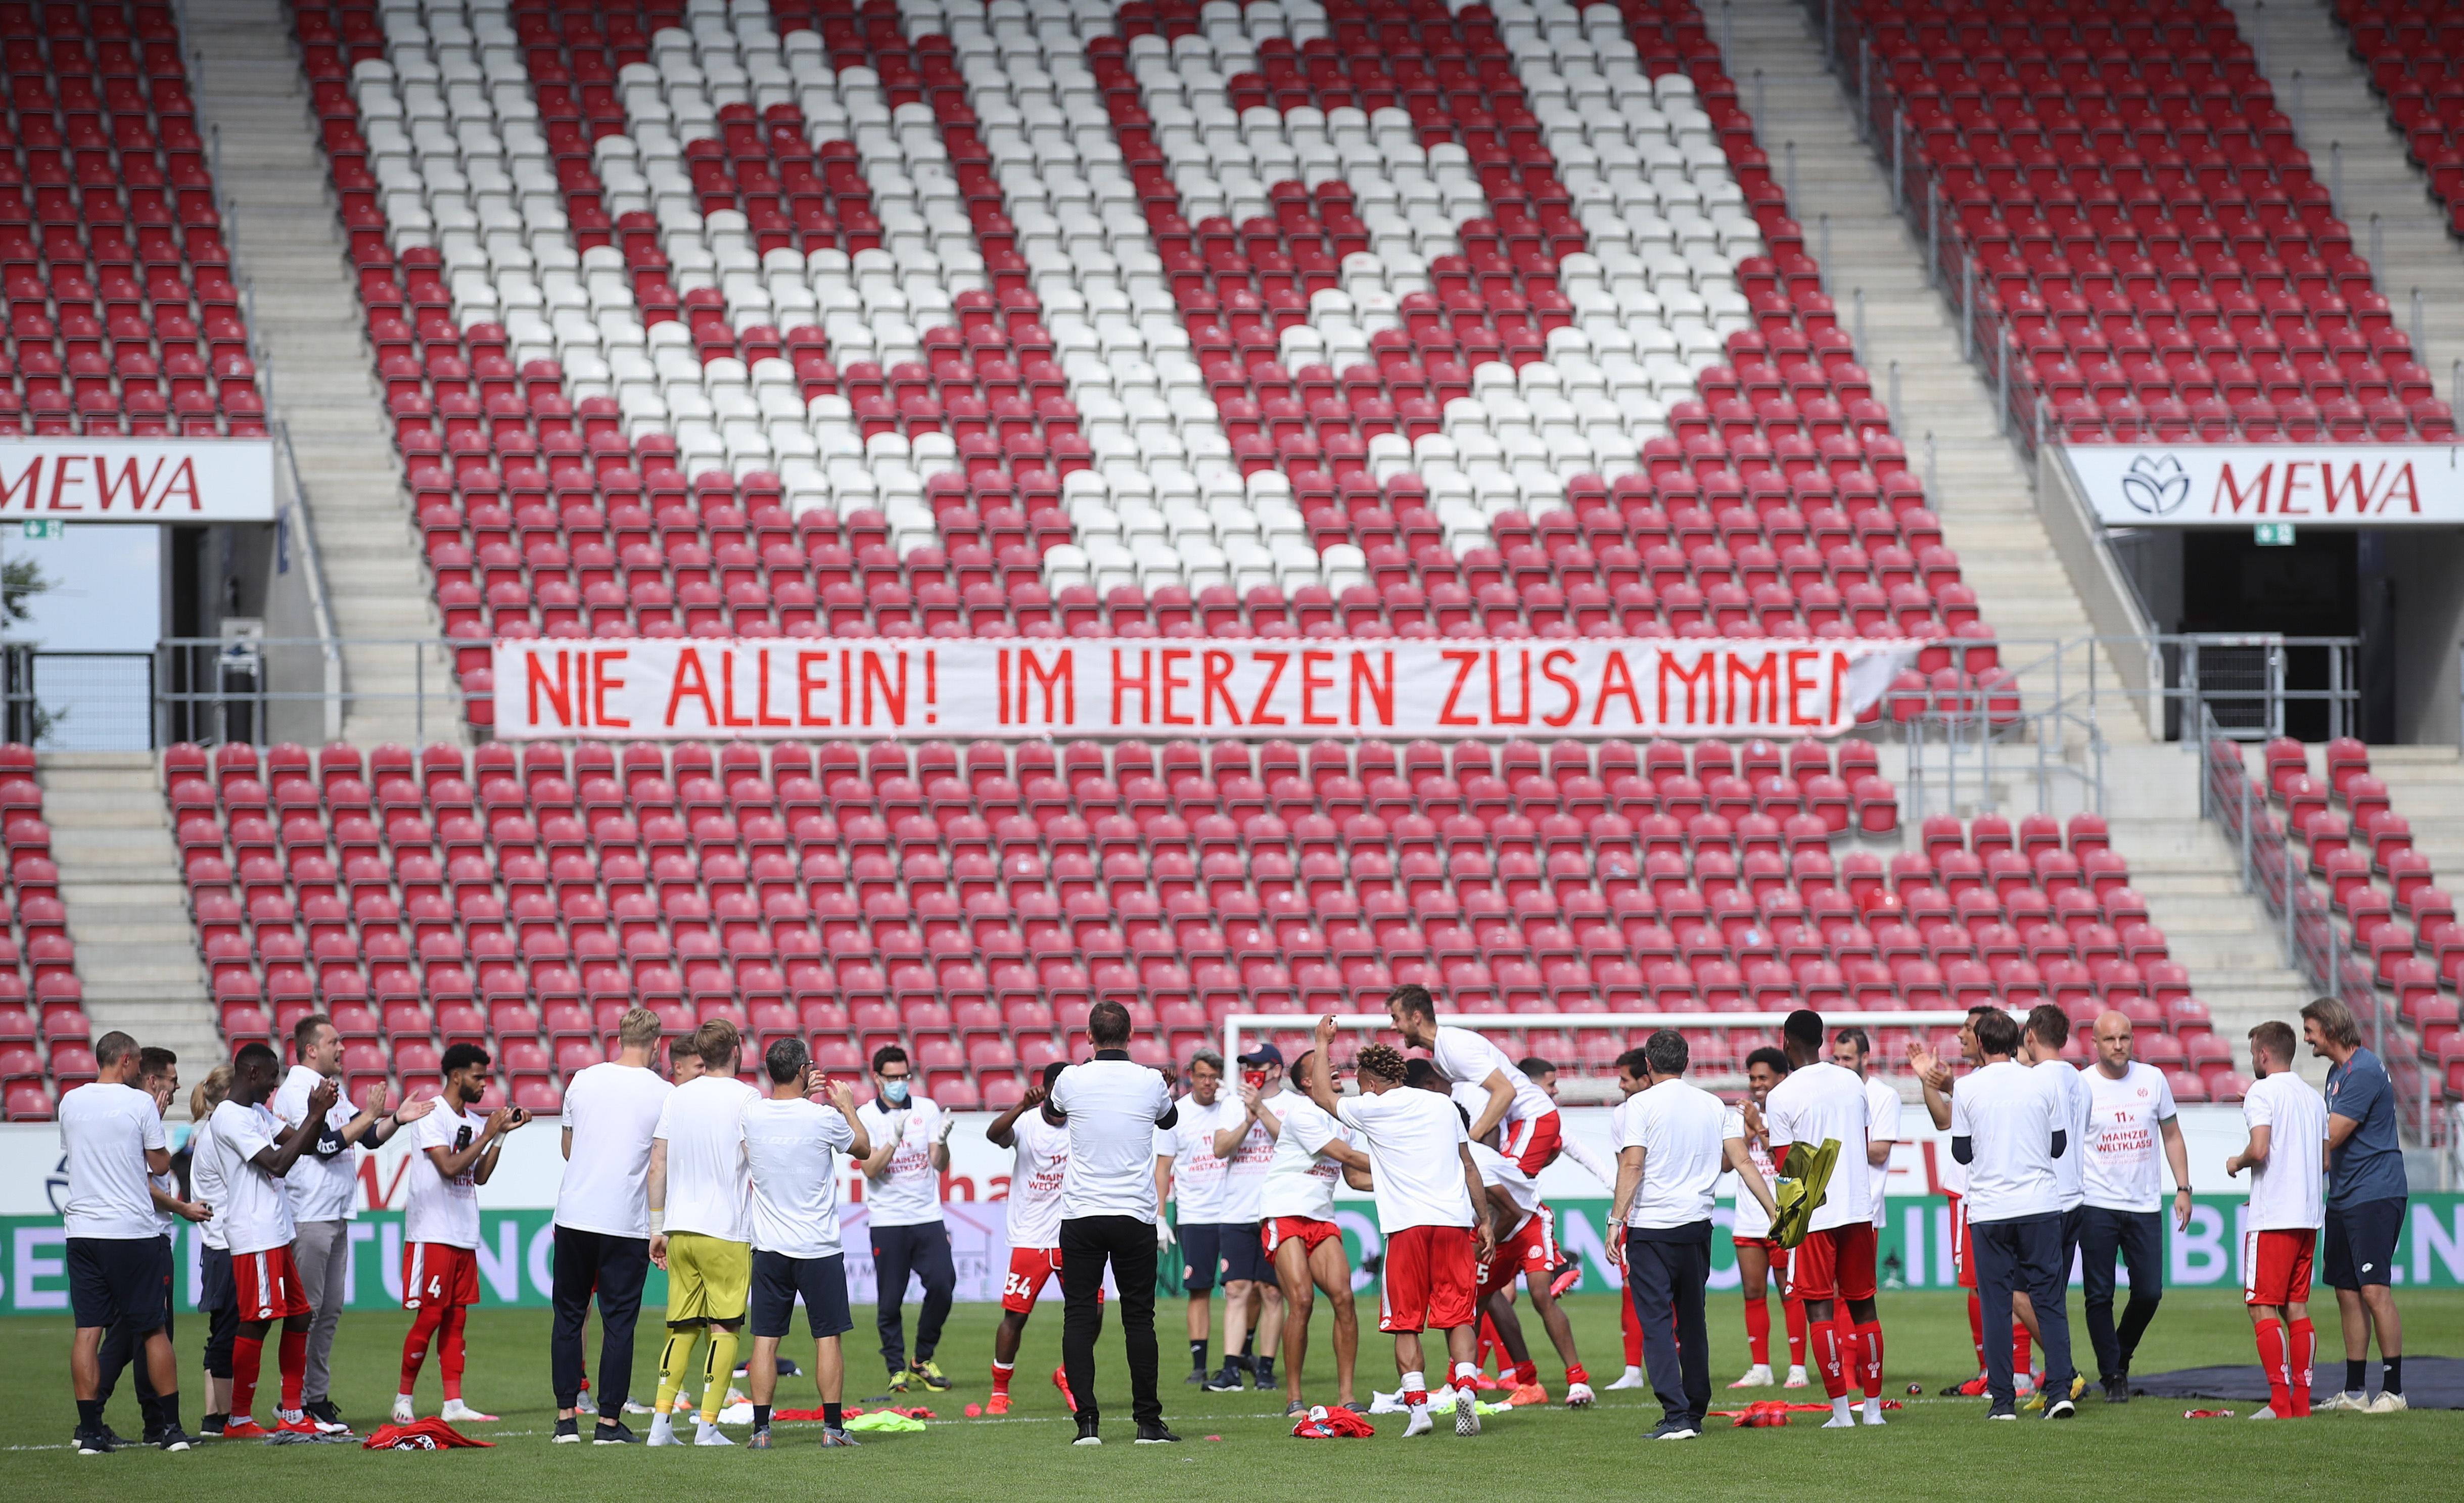 Trainingsbetrieb aufgenommen: Mainzer Spielerstreik beendet